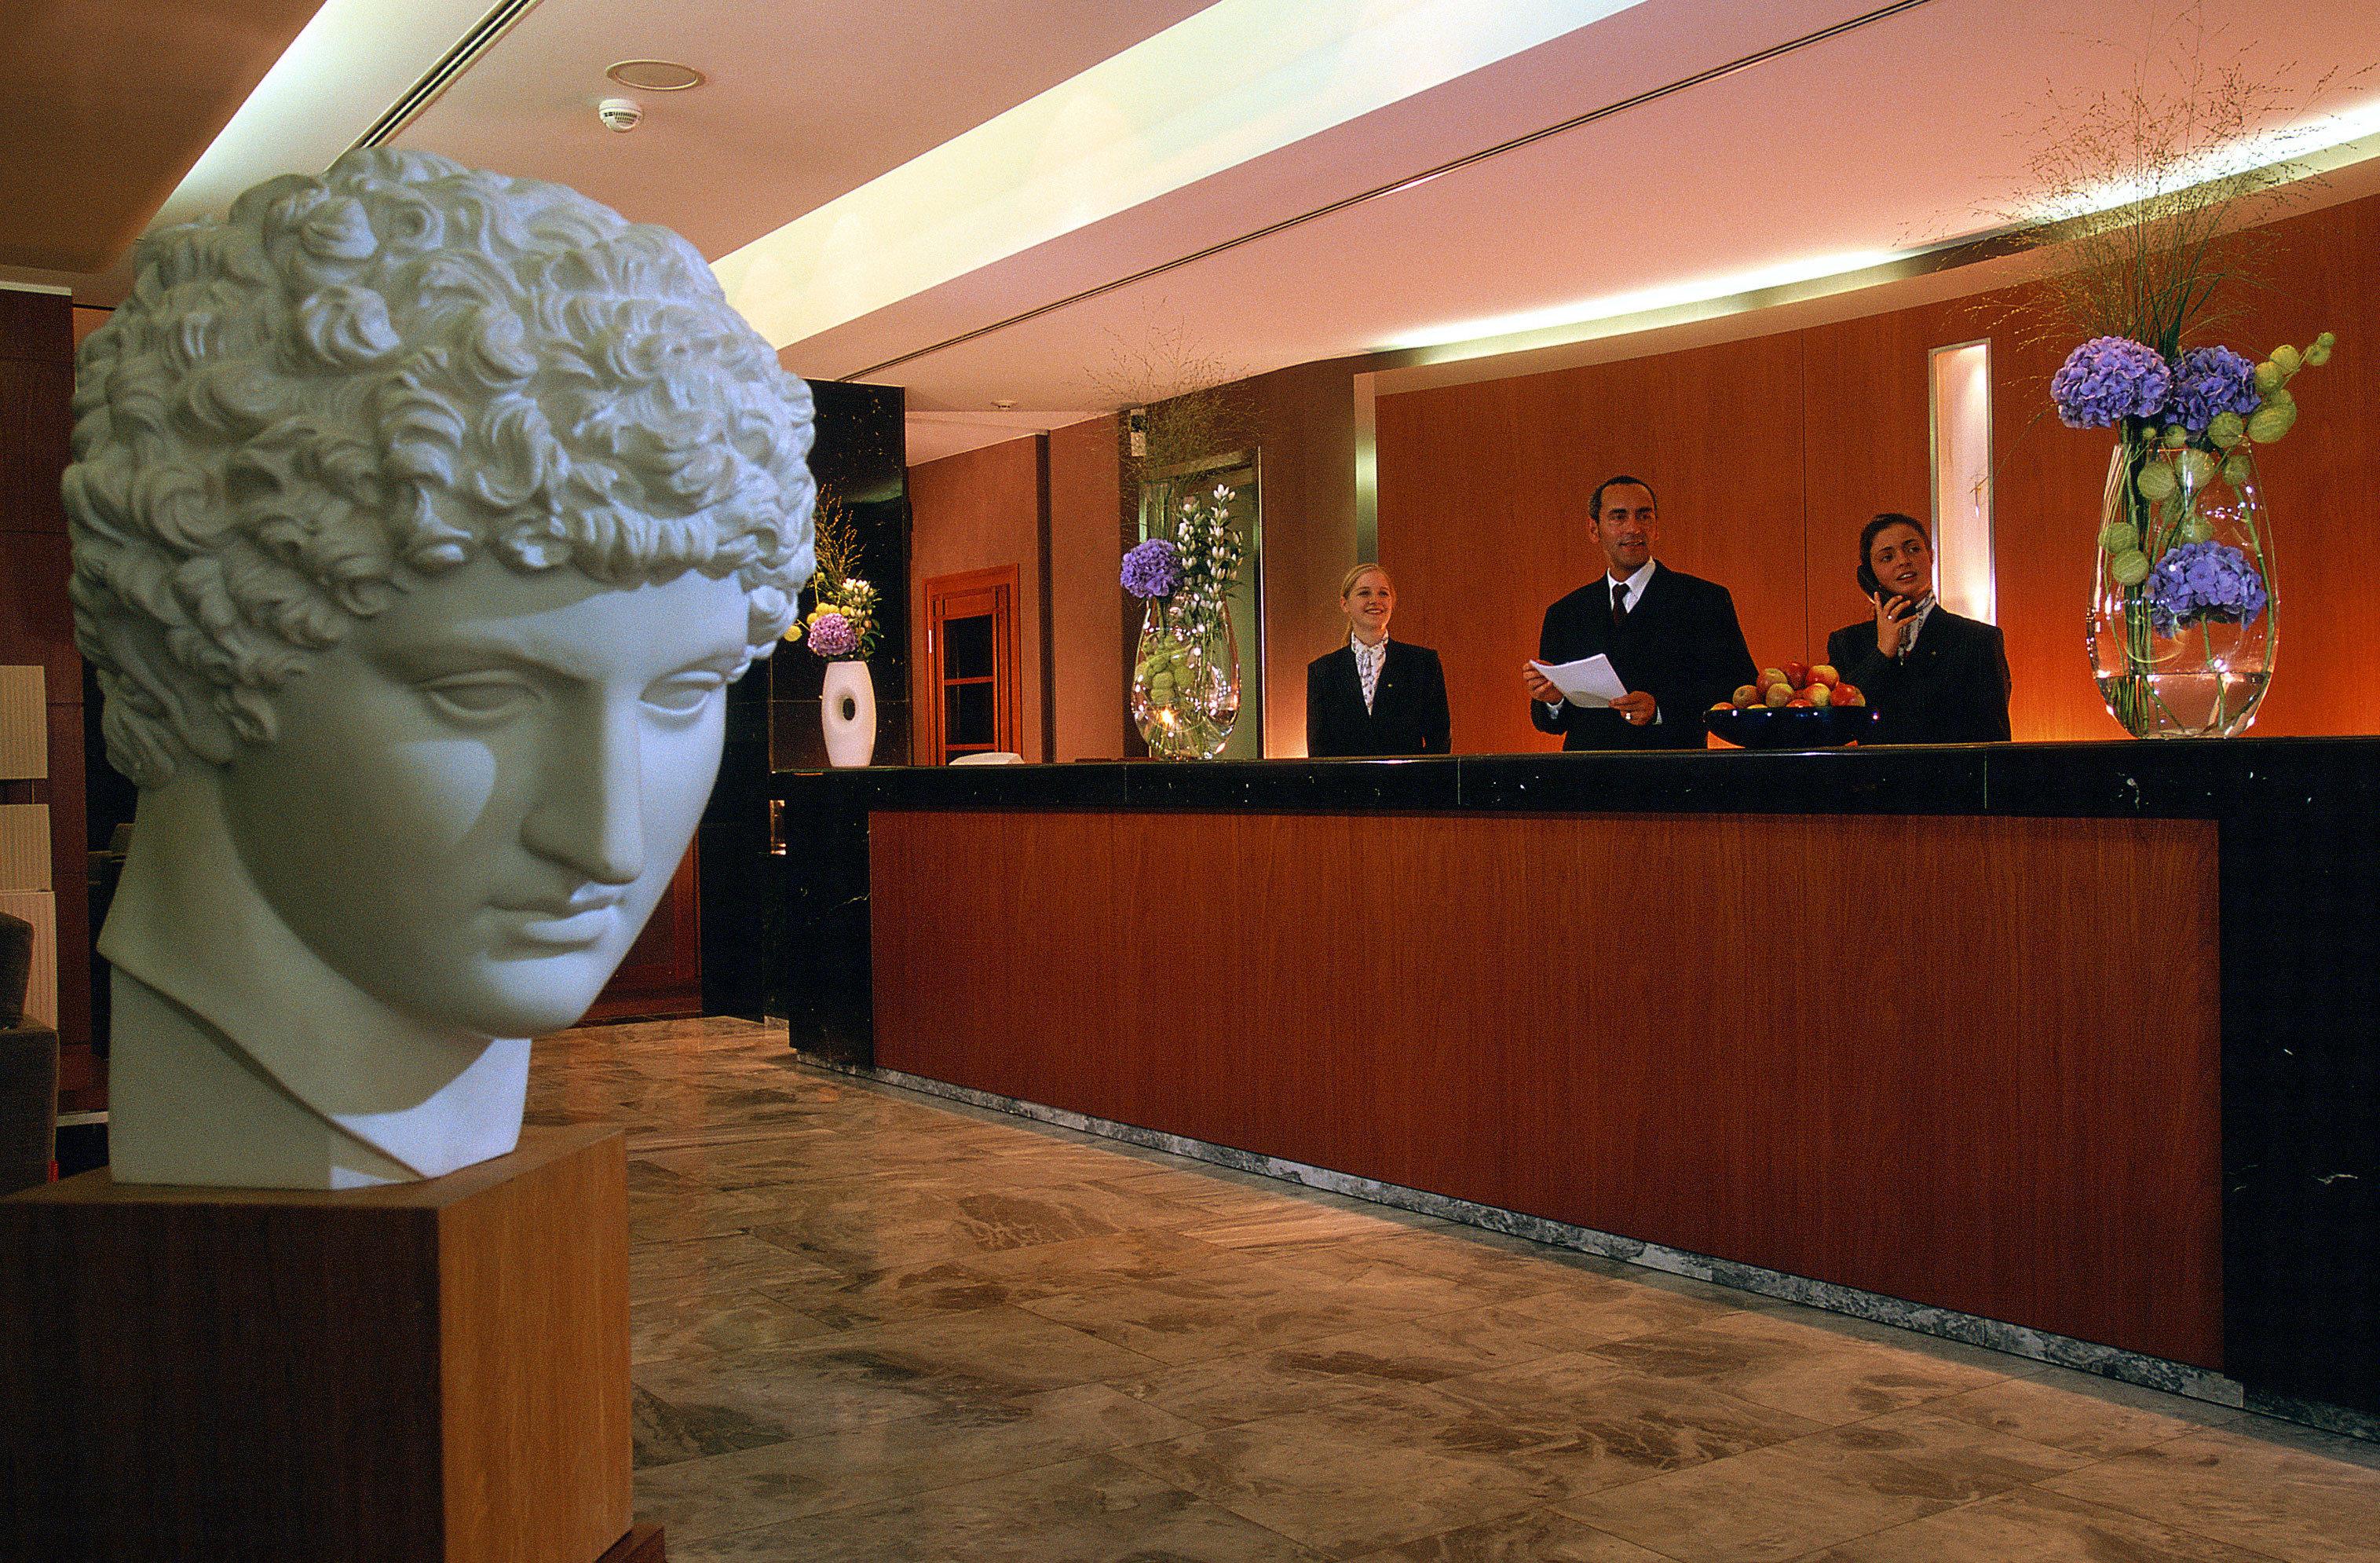 art receptionist tourist attraction